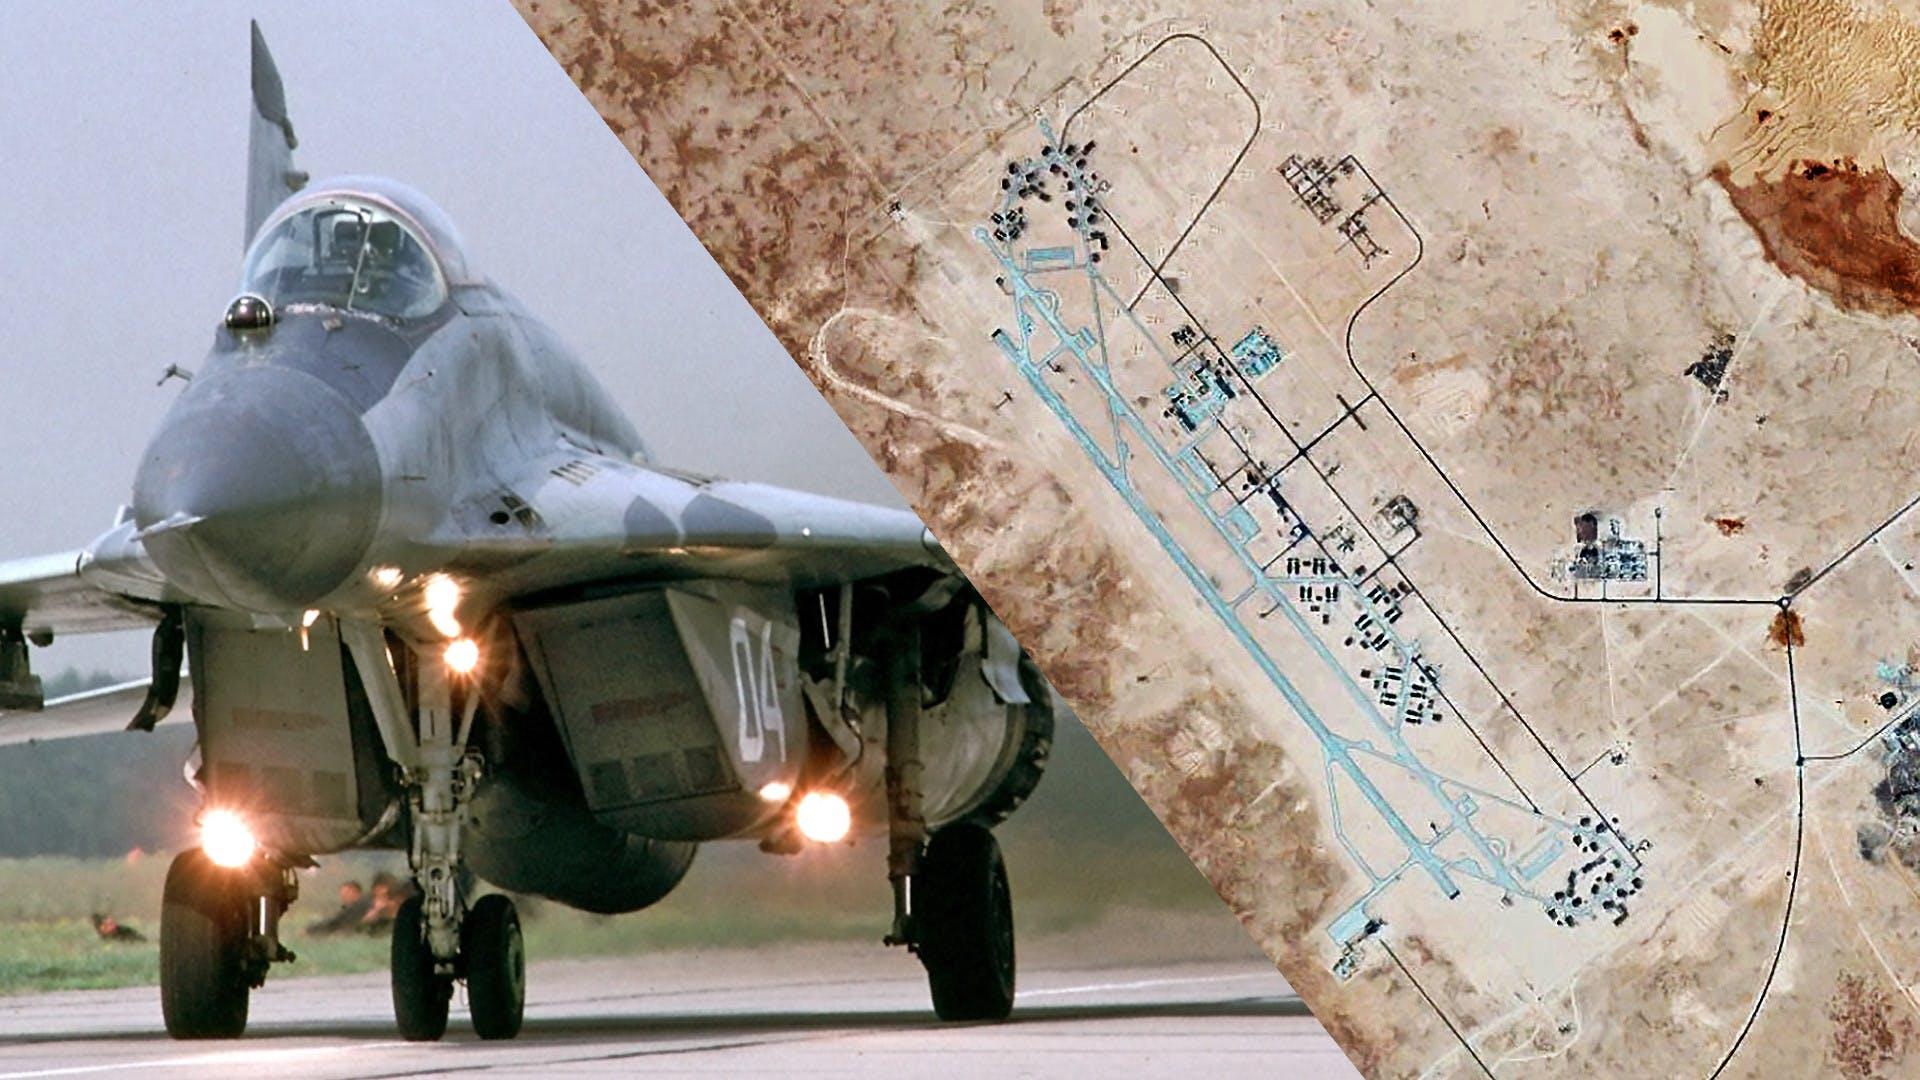 Μυστηριώδες Ρωσικό μαχητικό MiG-29, εμφανίζεται σε Λιβυκή αεροπορική βάση ελεγχόμενη από τον Χαφτάρ